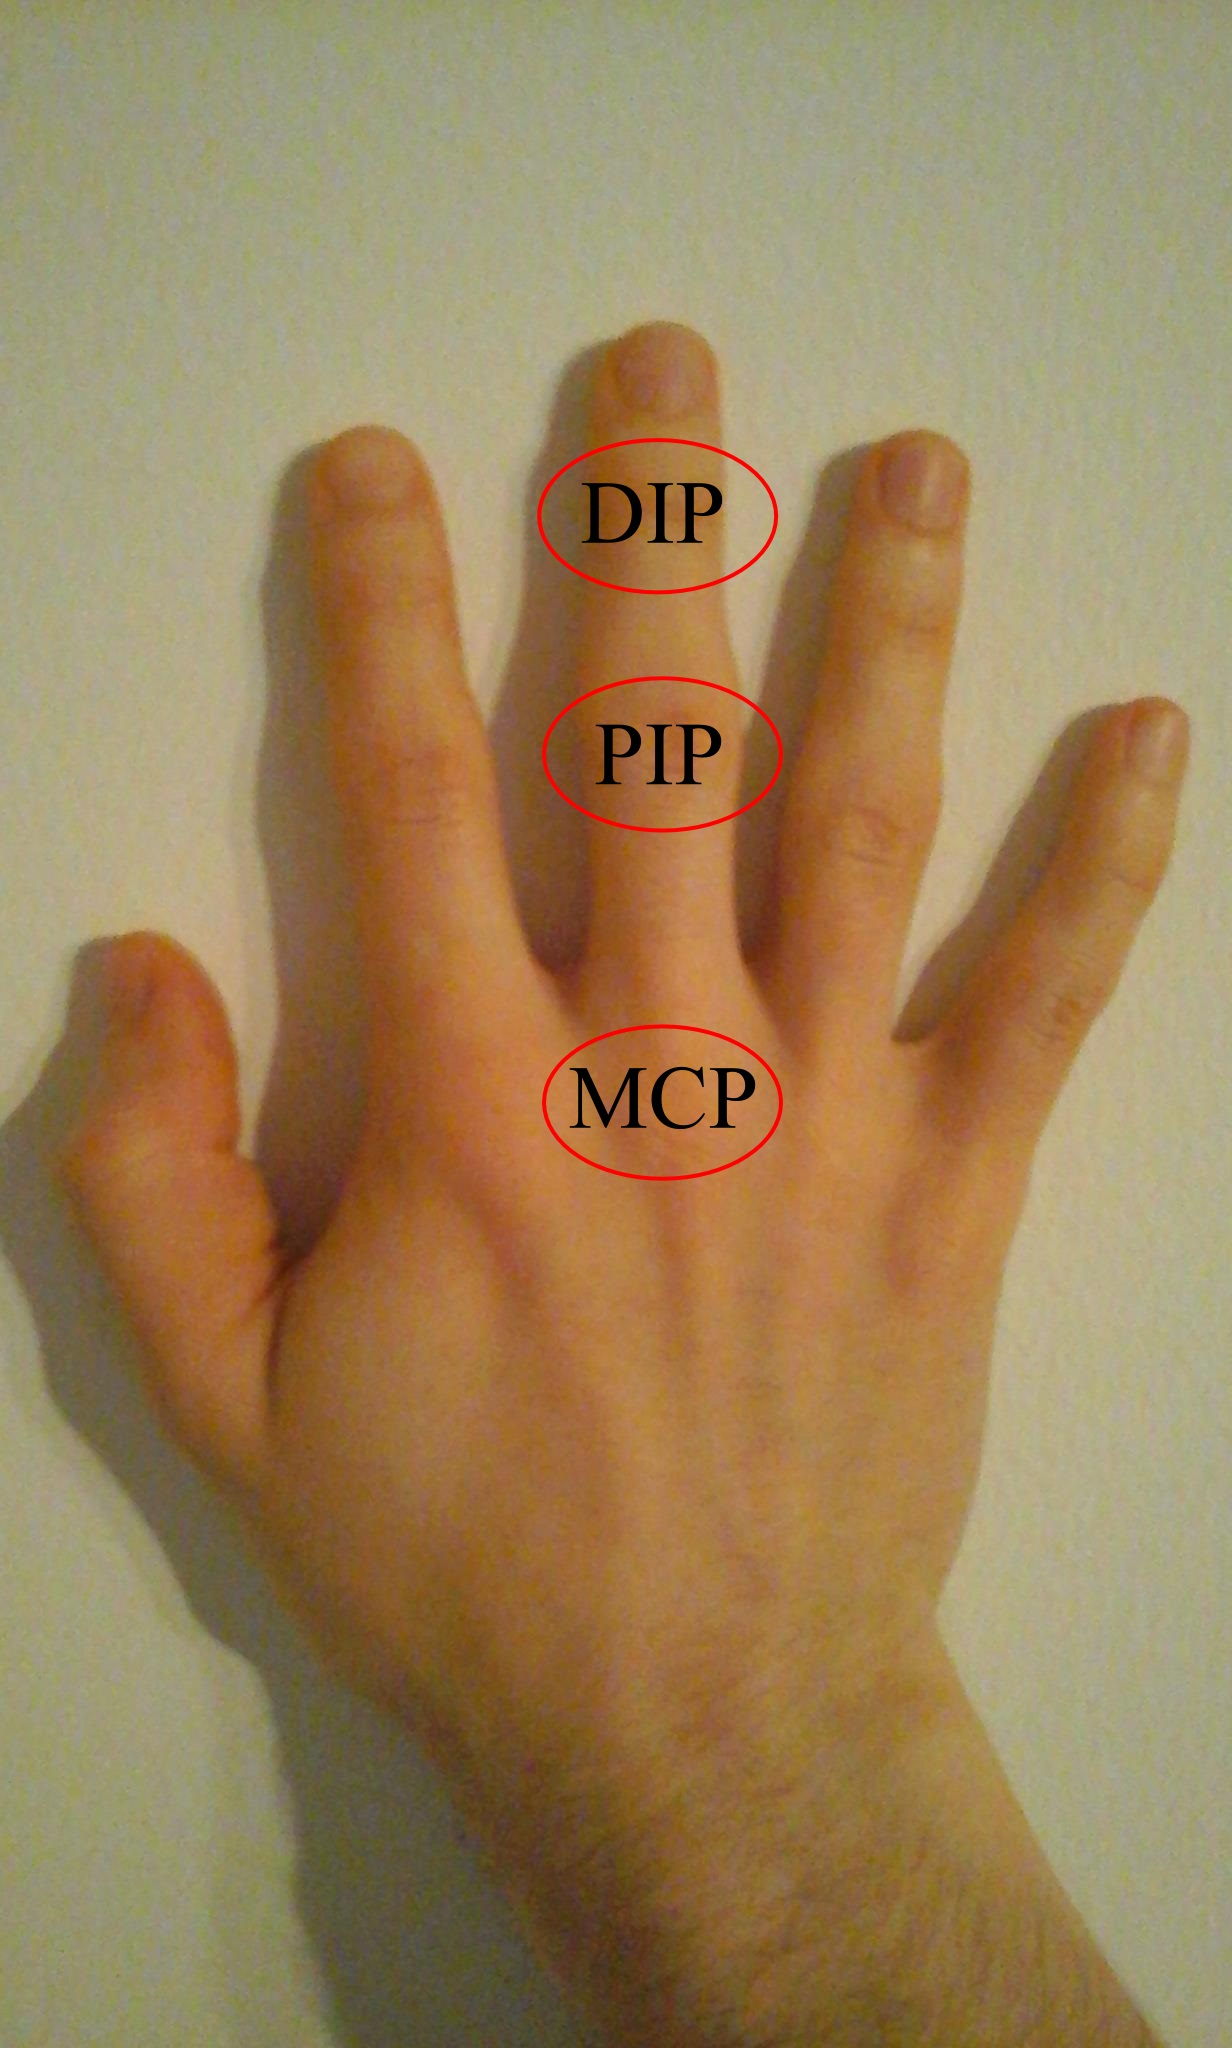 növekedések a kézkezelés ujjai ízületének csontainál éjszakai fájdalom az ízületekben gyermekeknél